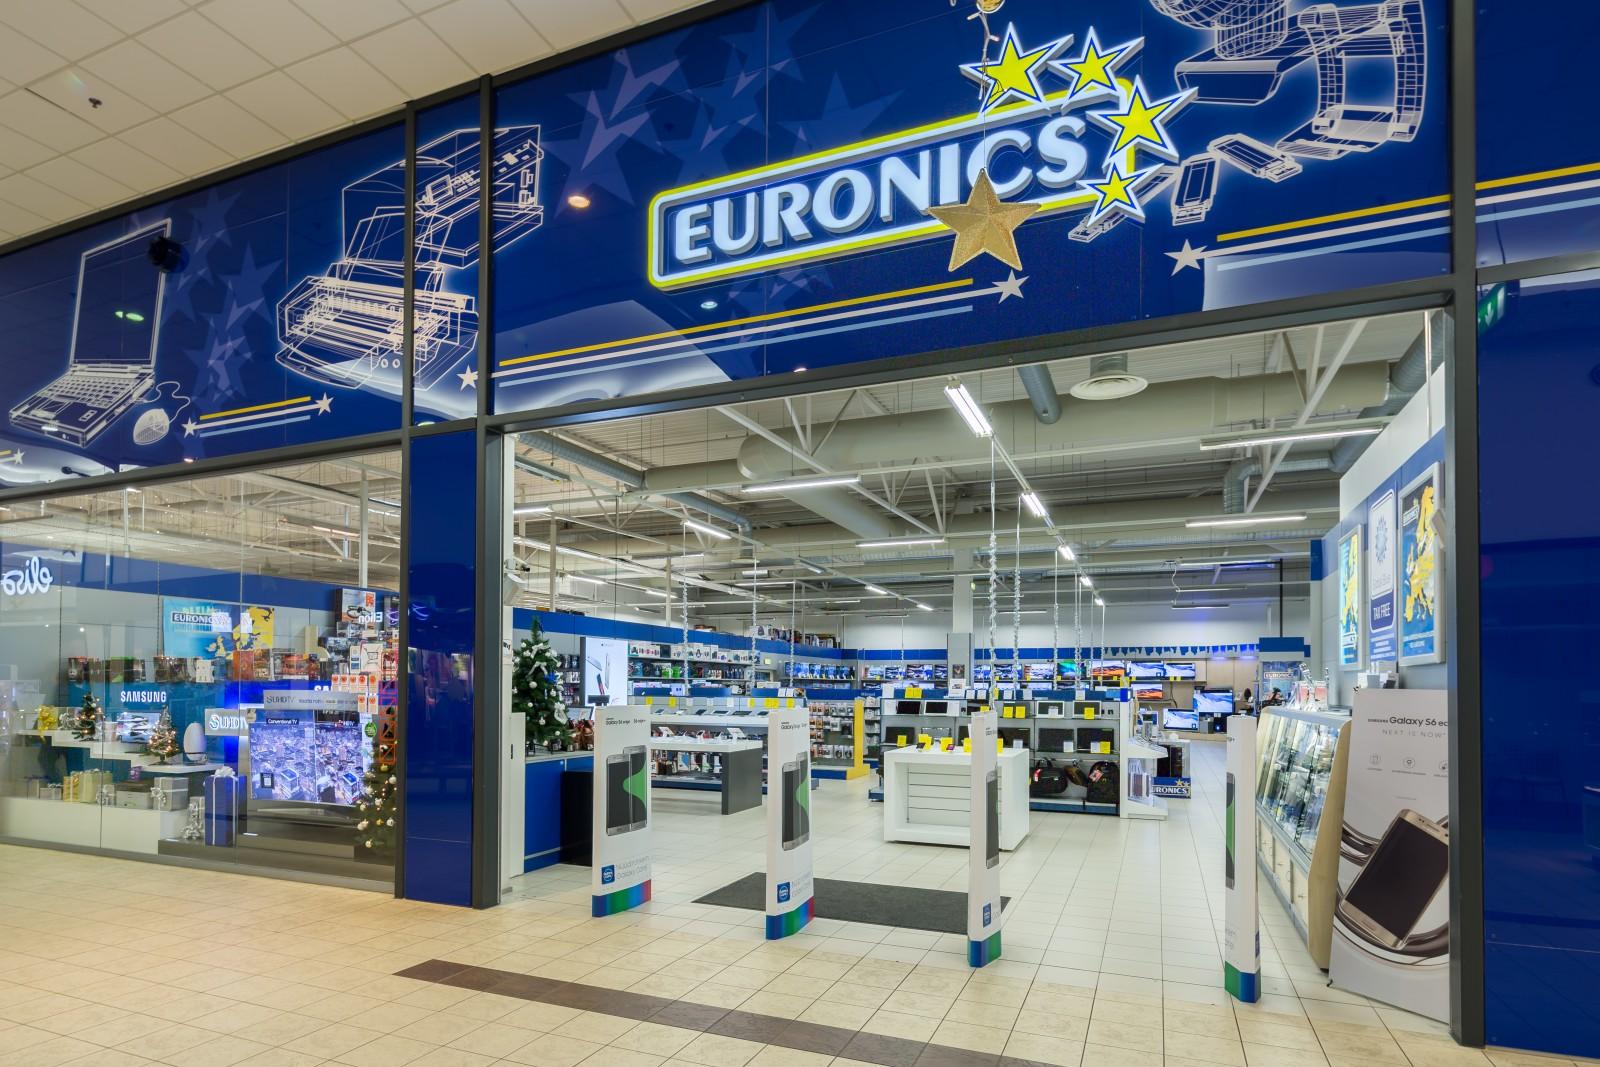 Euronix